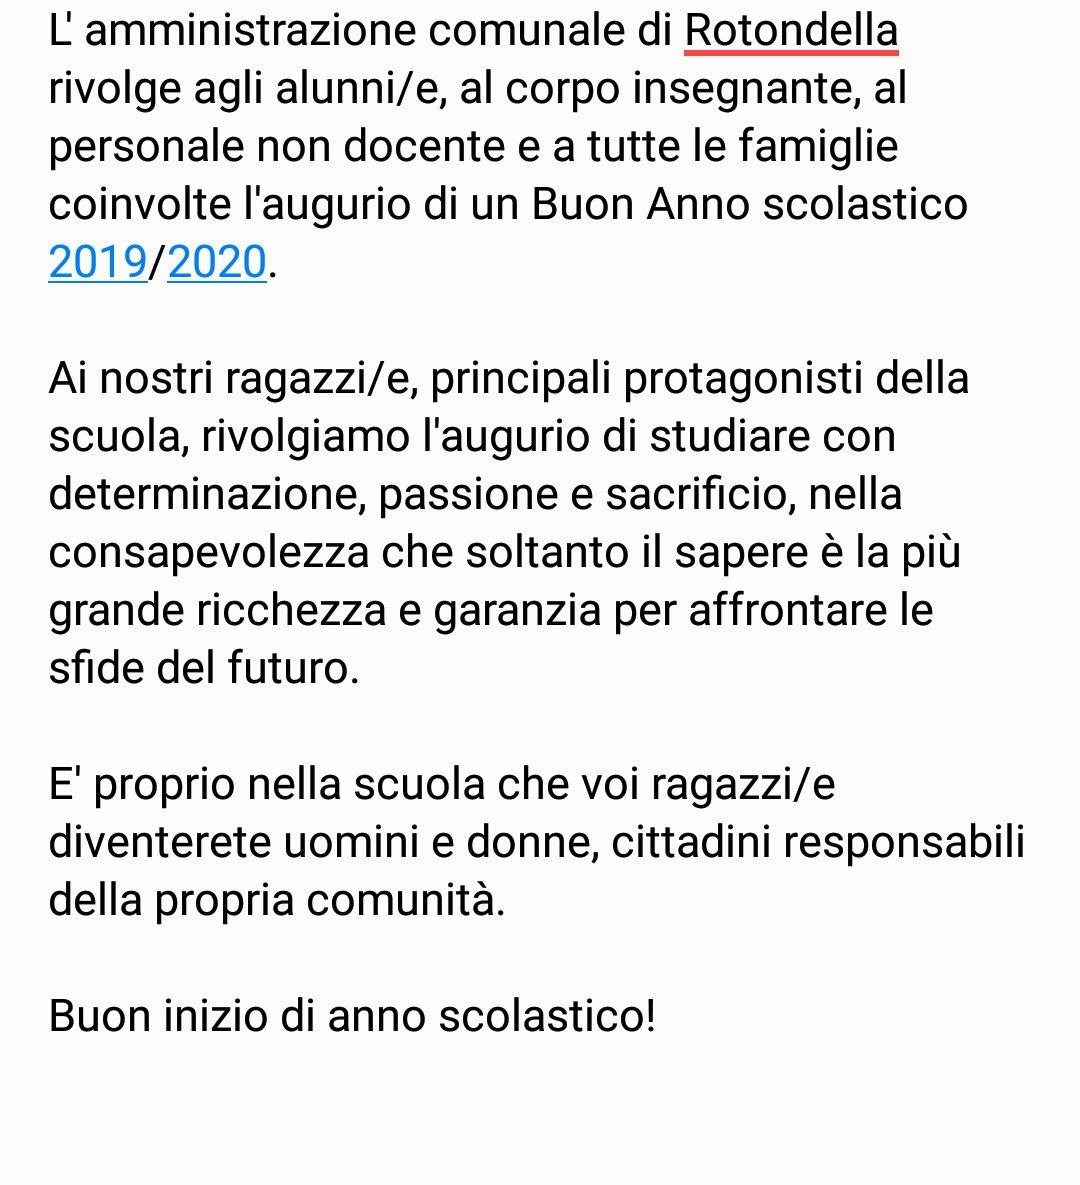 Buon Anno Scolastico. #Rotondella #scuola https://...